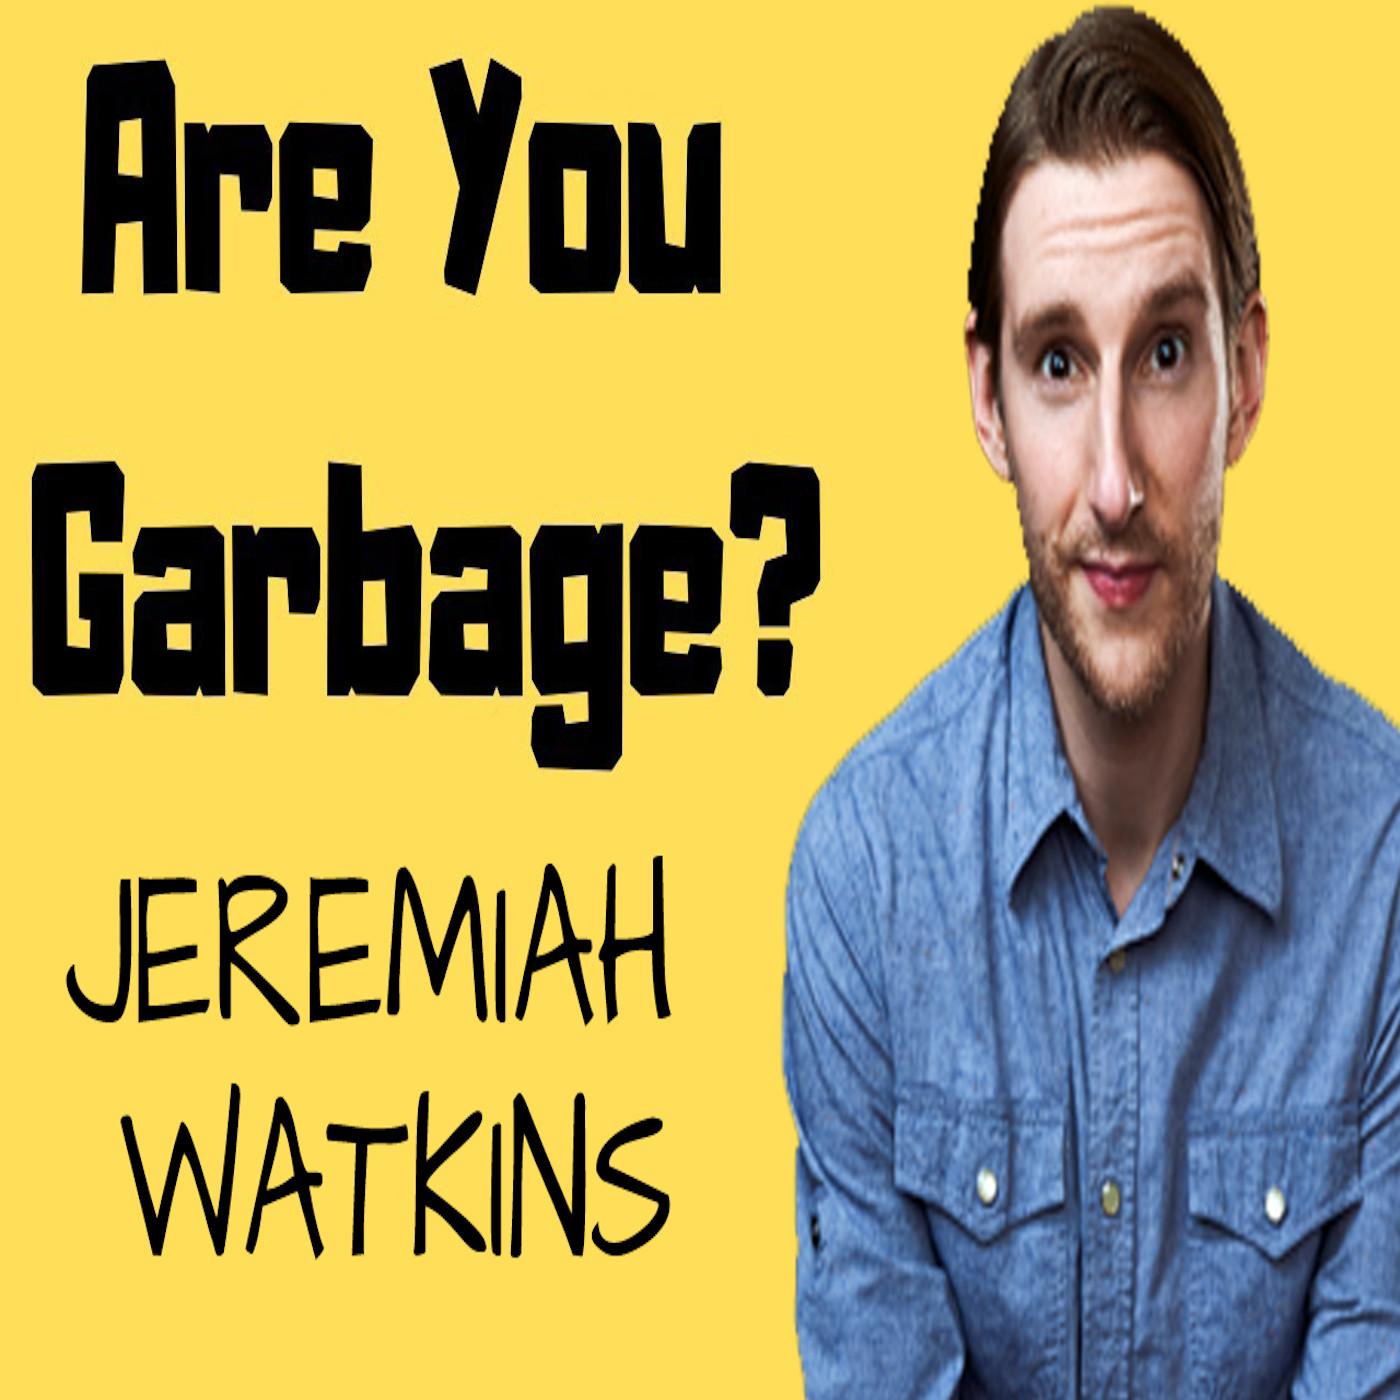 Jeremiah Watkins: Doomsday Garbage